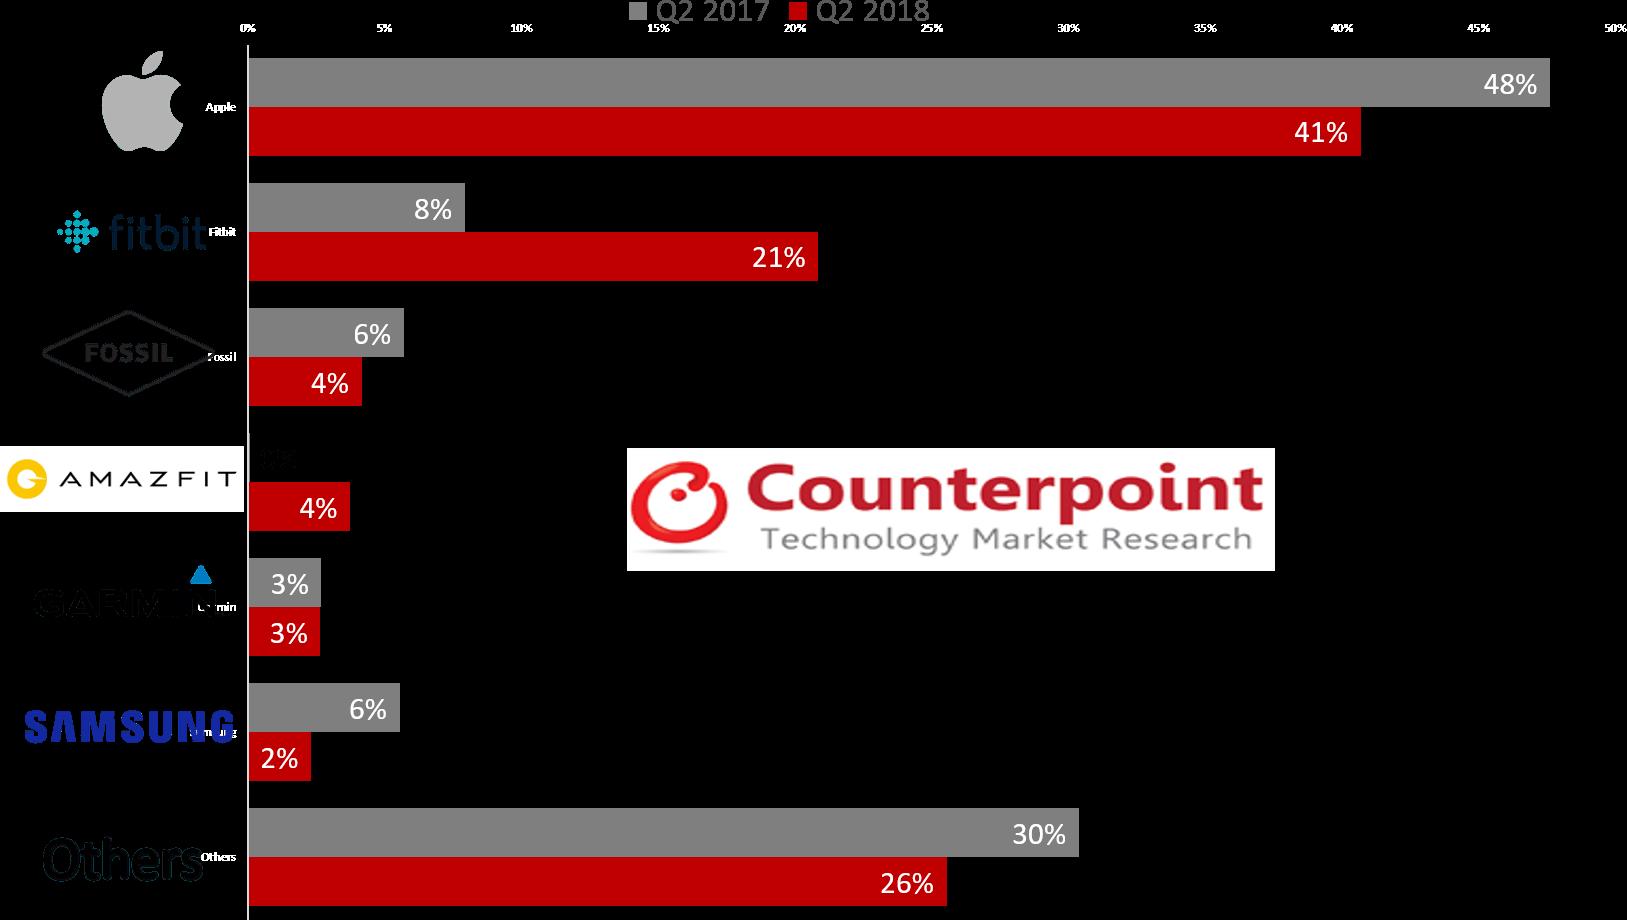 Pesquisa da Counterpoint sobre o mercado de smartwatches (Q2 2018)